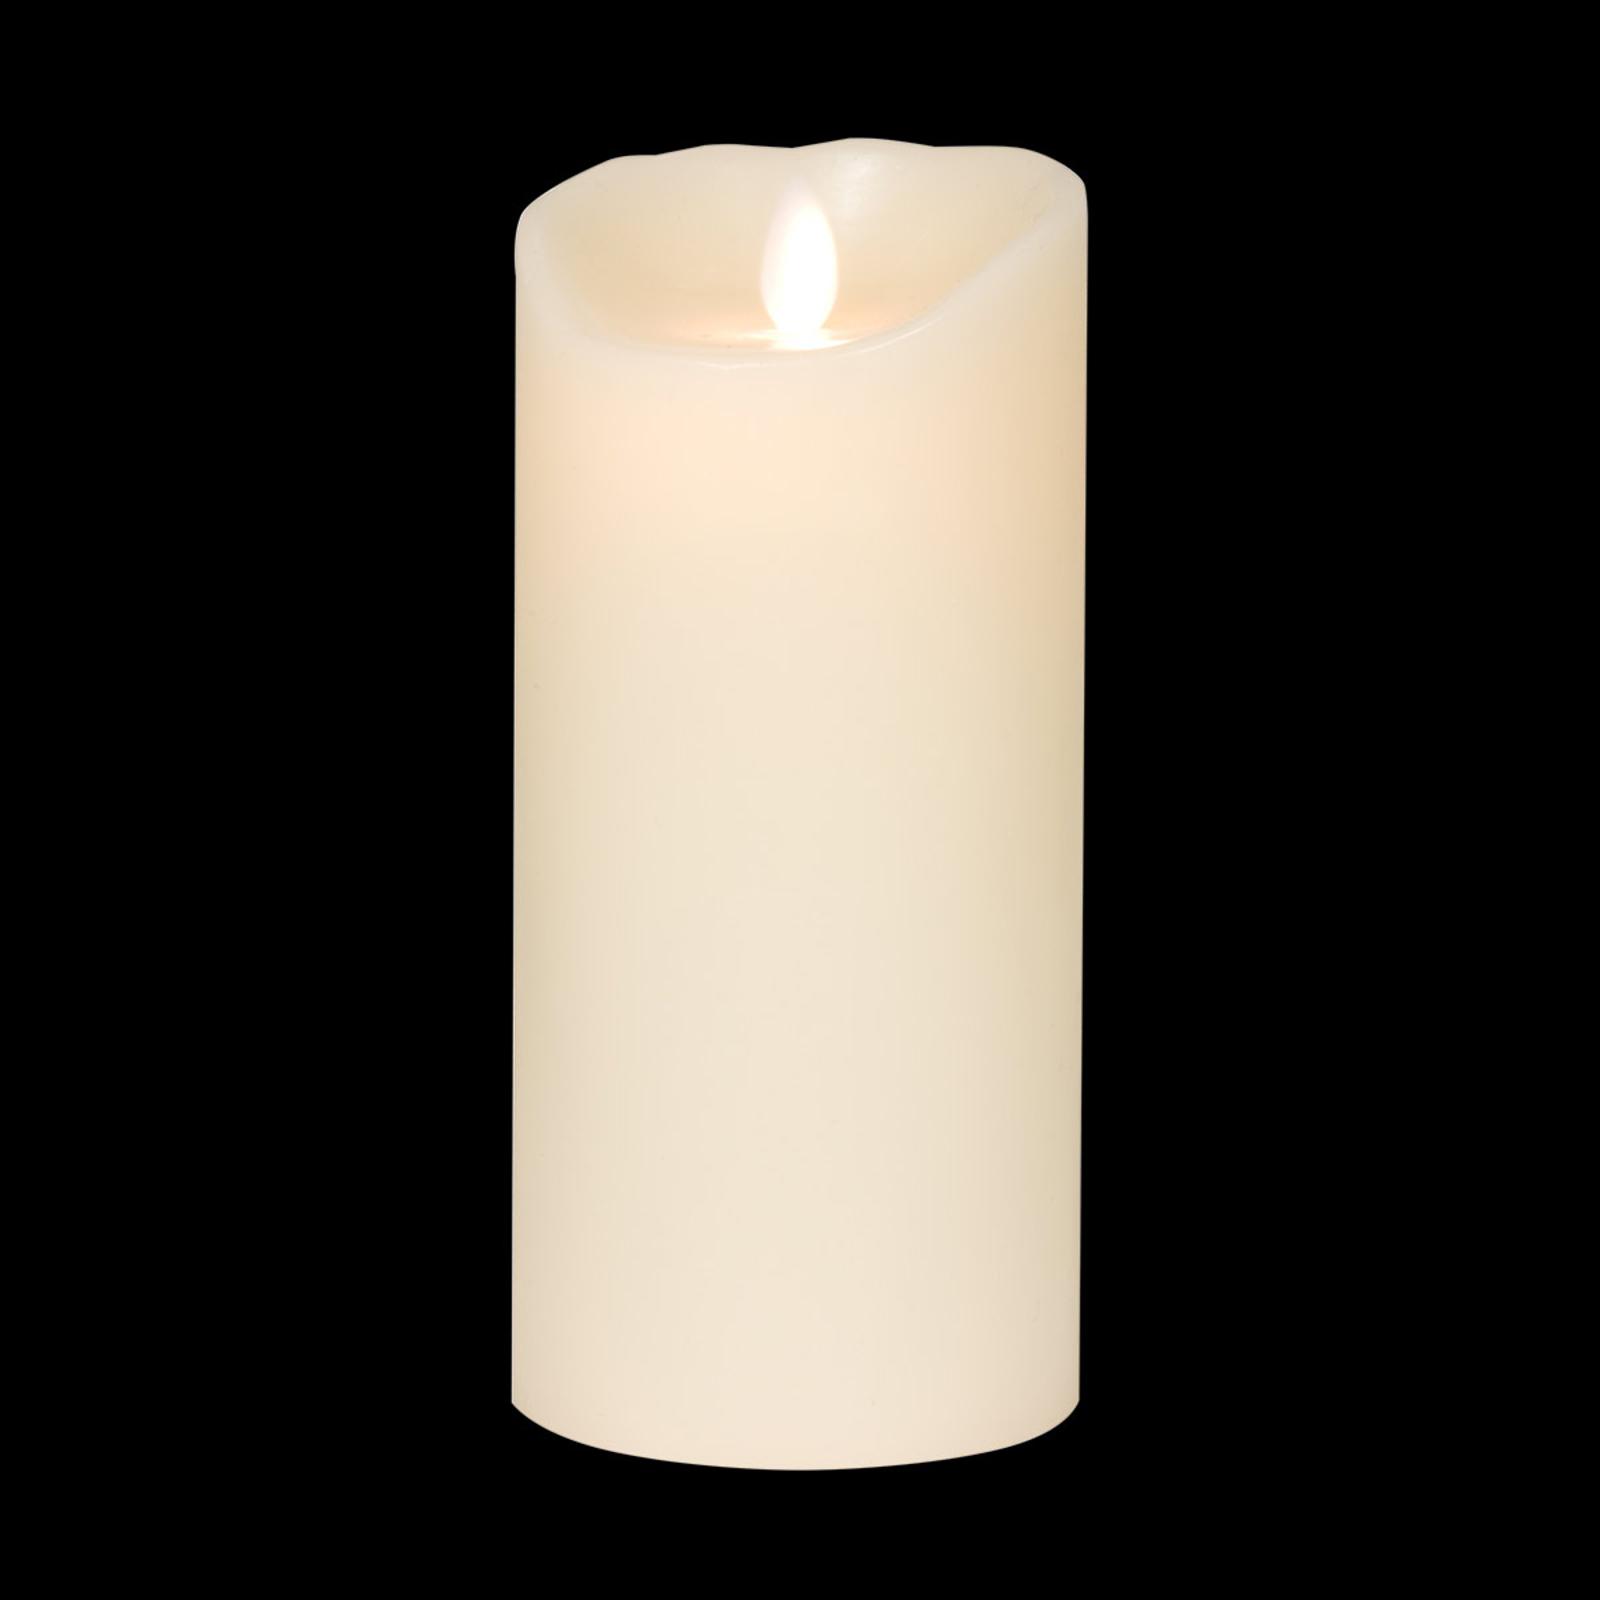 Led-kaars Flame, van echte was, 23 cm